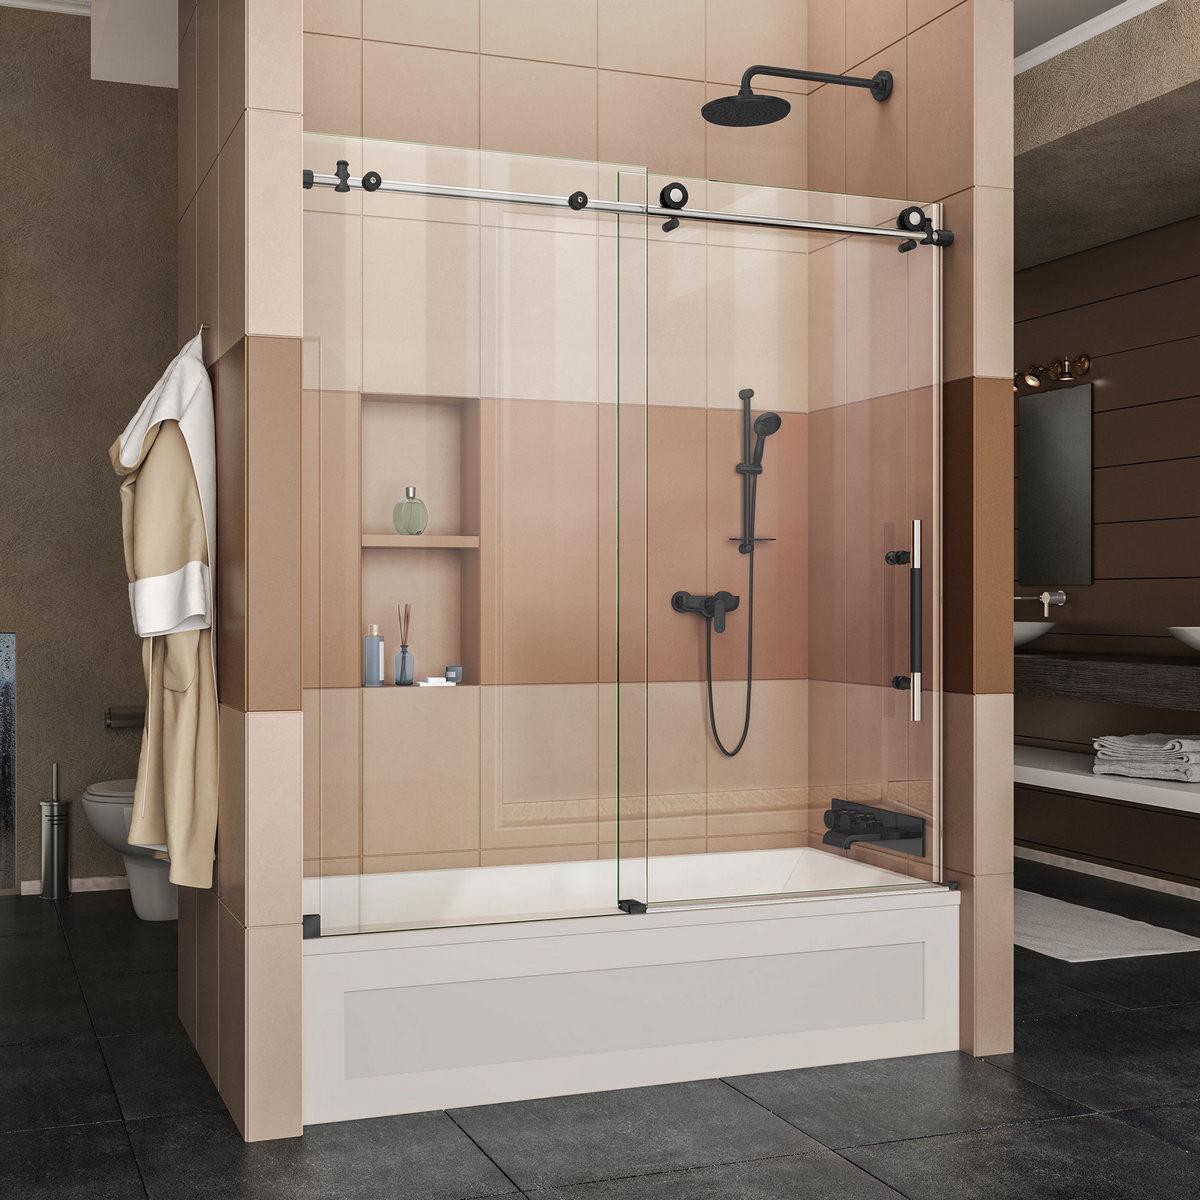 Dreamline Enigma Xt Fully Frameless Sliding Tub Door Tuxedo Finish